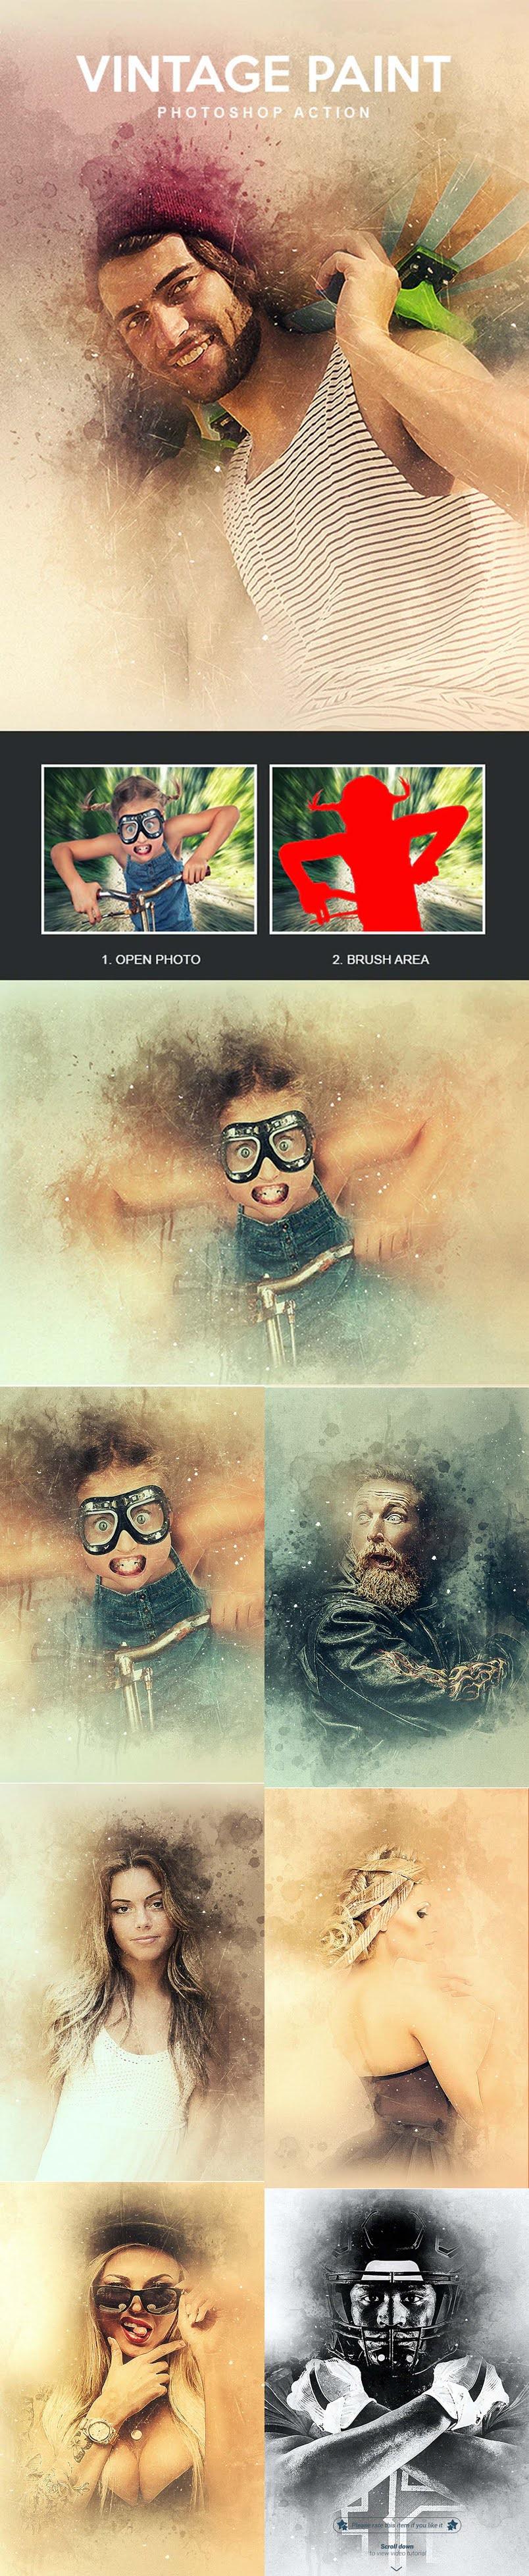 Vintage Paint Photoshop Action